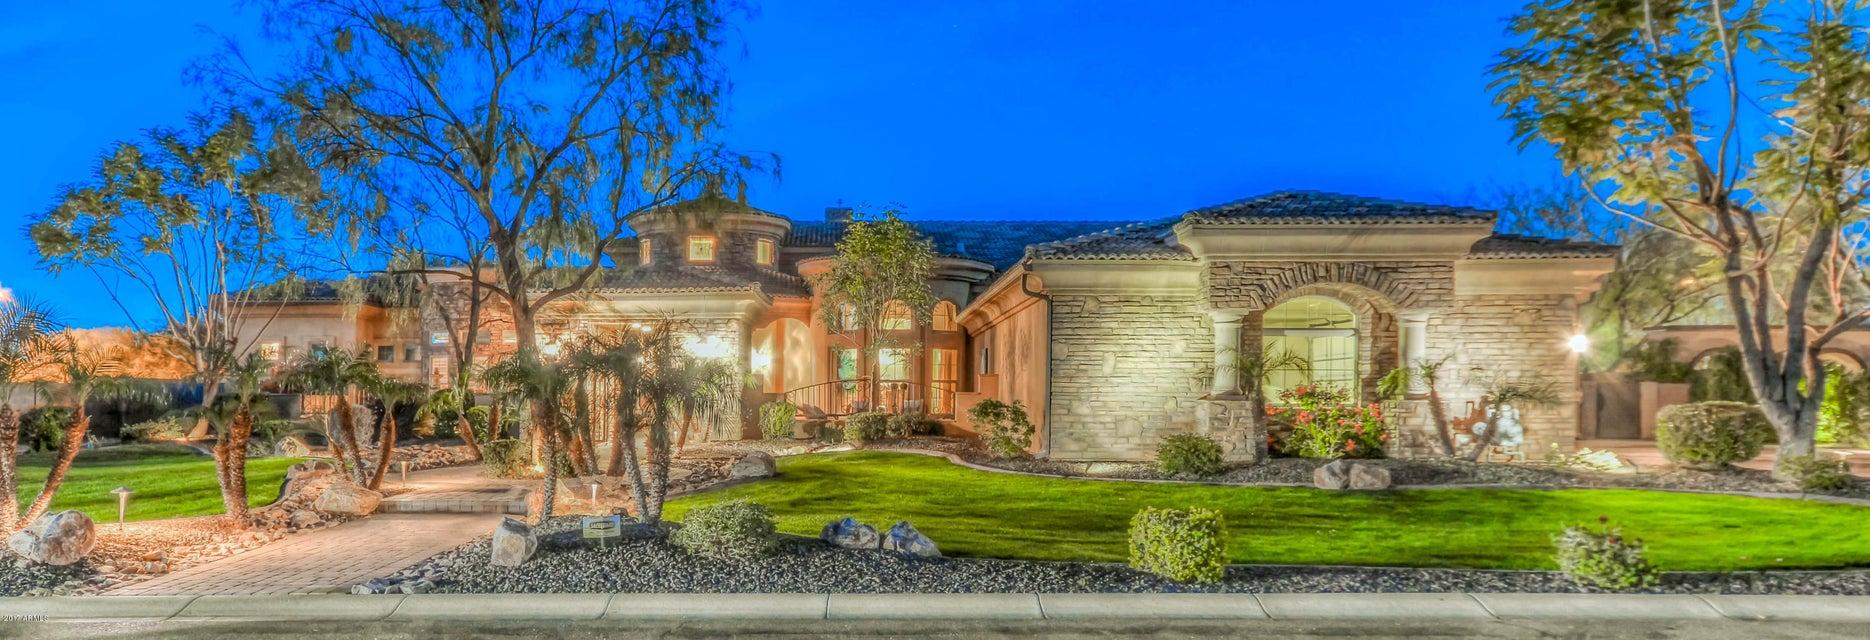 3866 E AUGUSTA Avenue, Queen Creek, AZ 85142